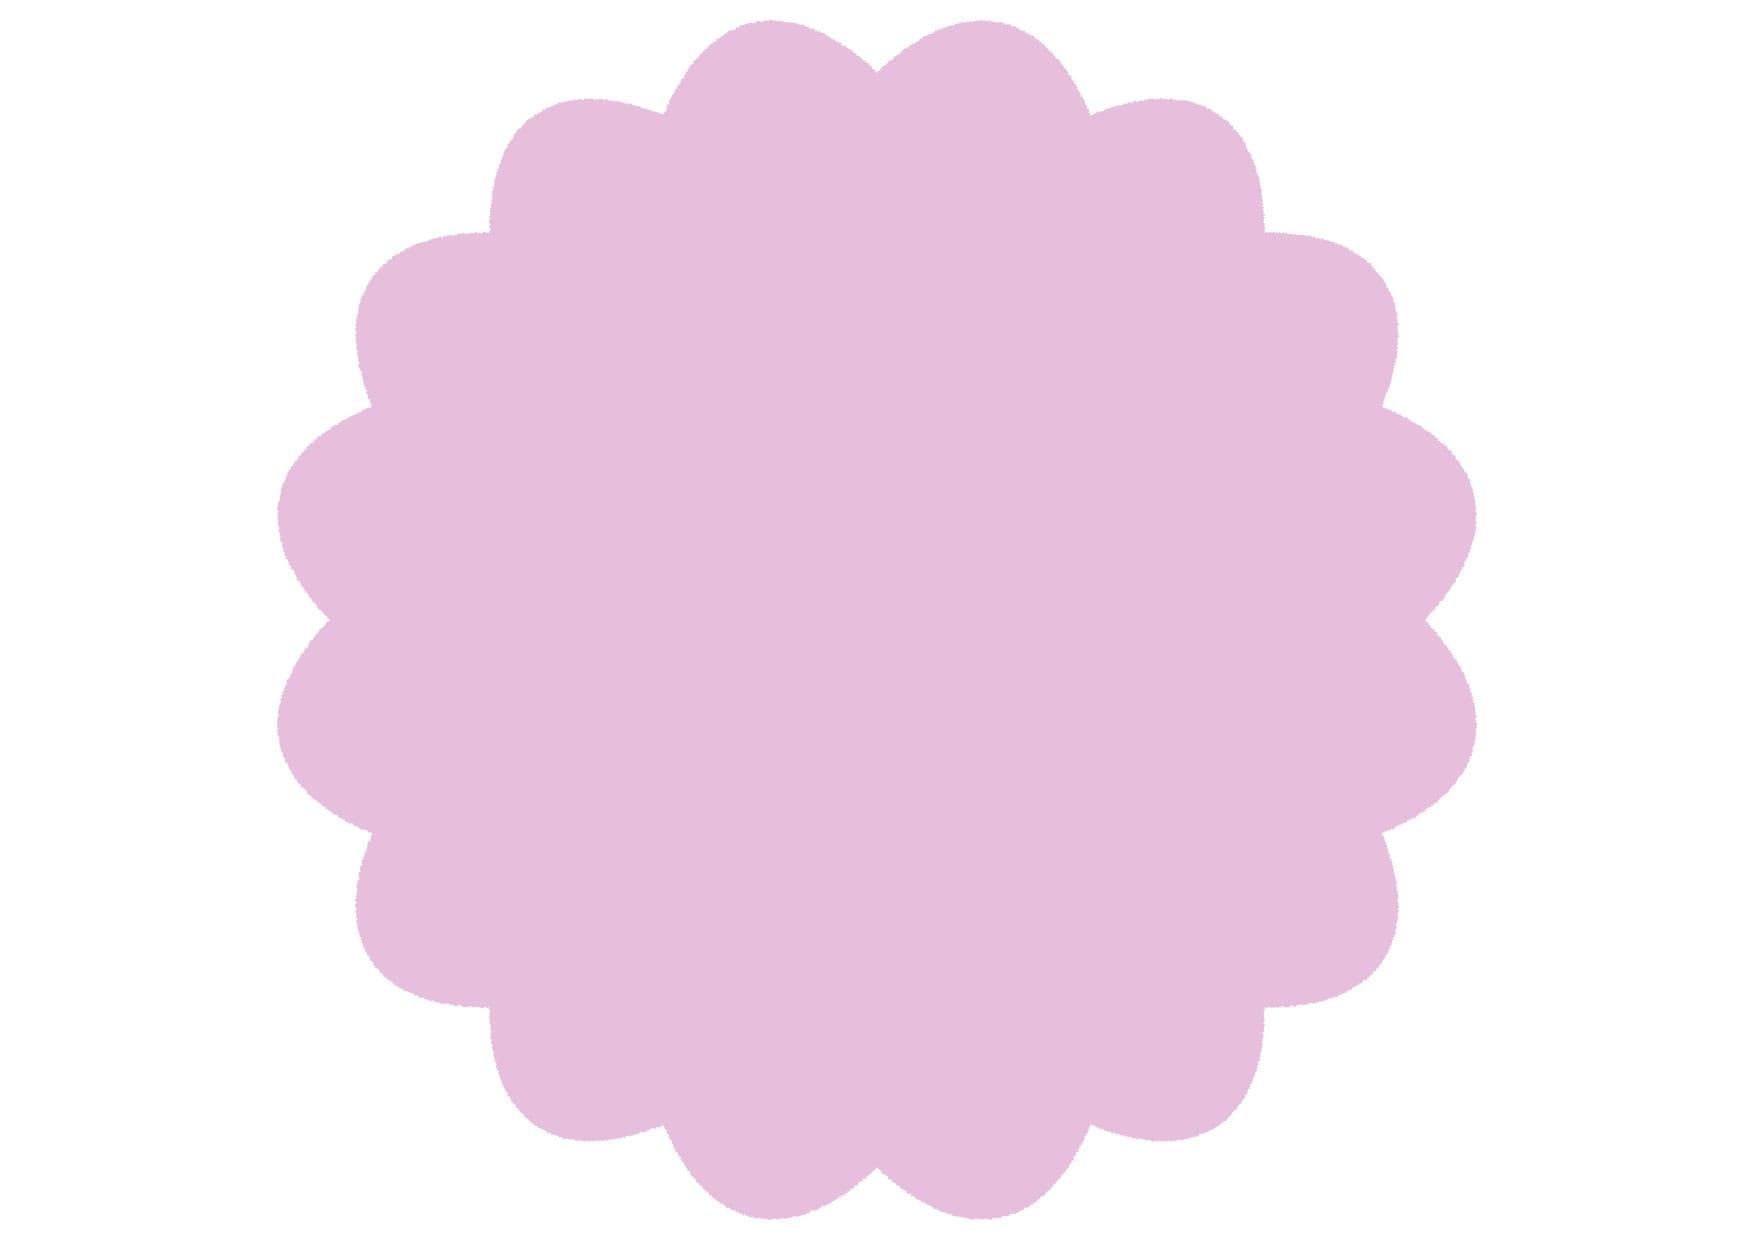 可愛いイラスト|シンプル やわらかい フレーム 紫色 − free illustration  Simple soft frame purple